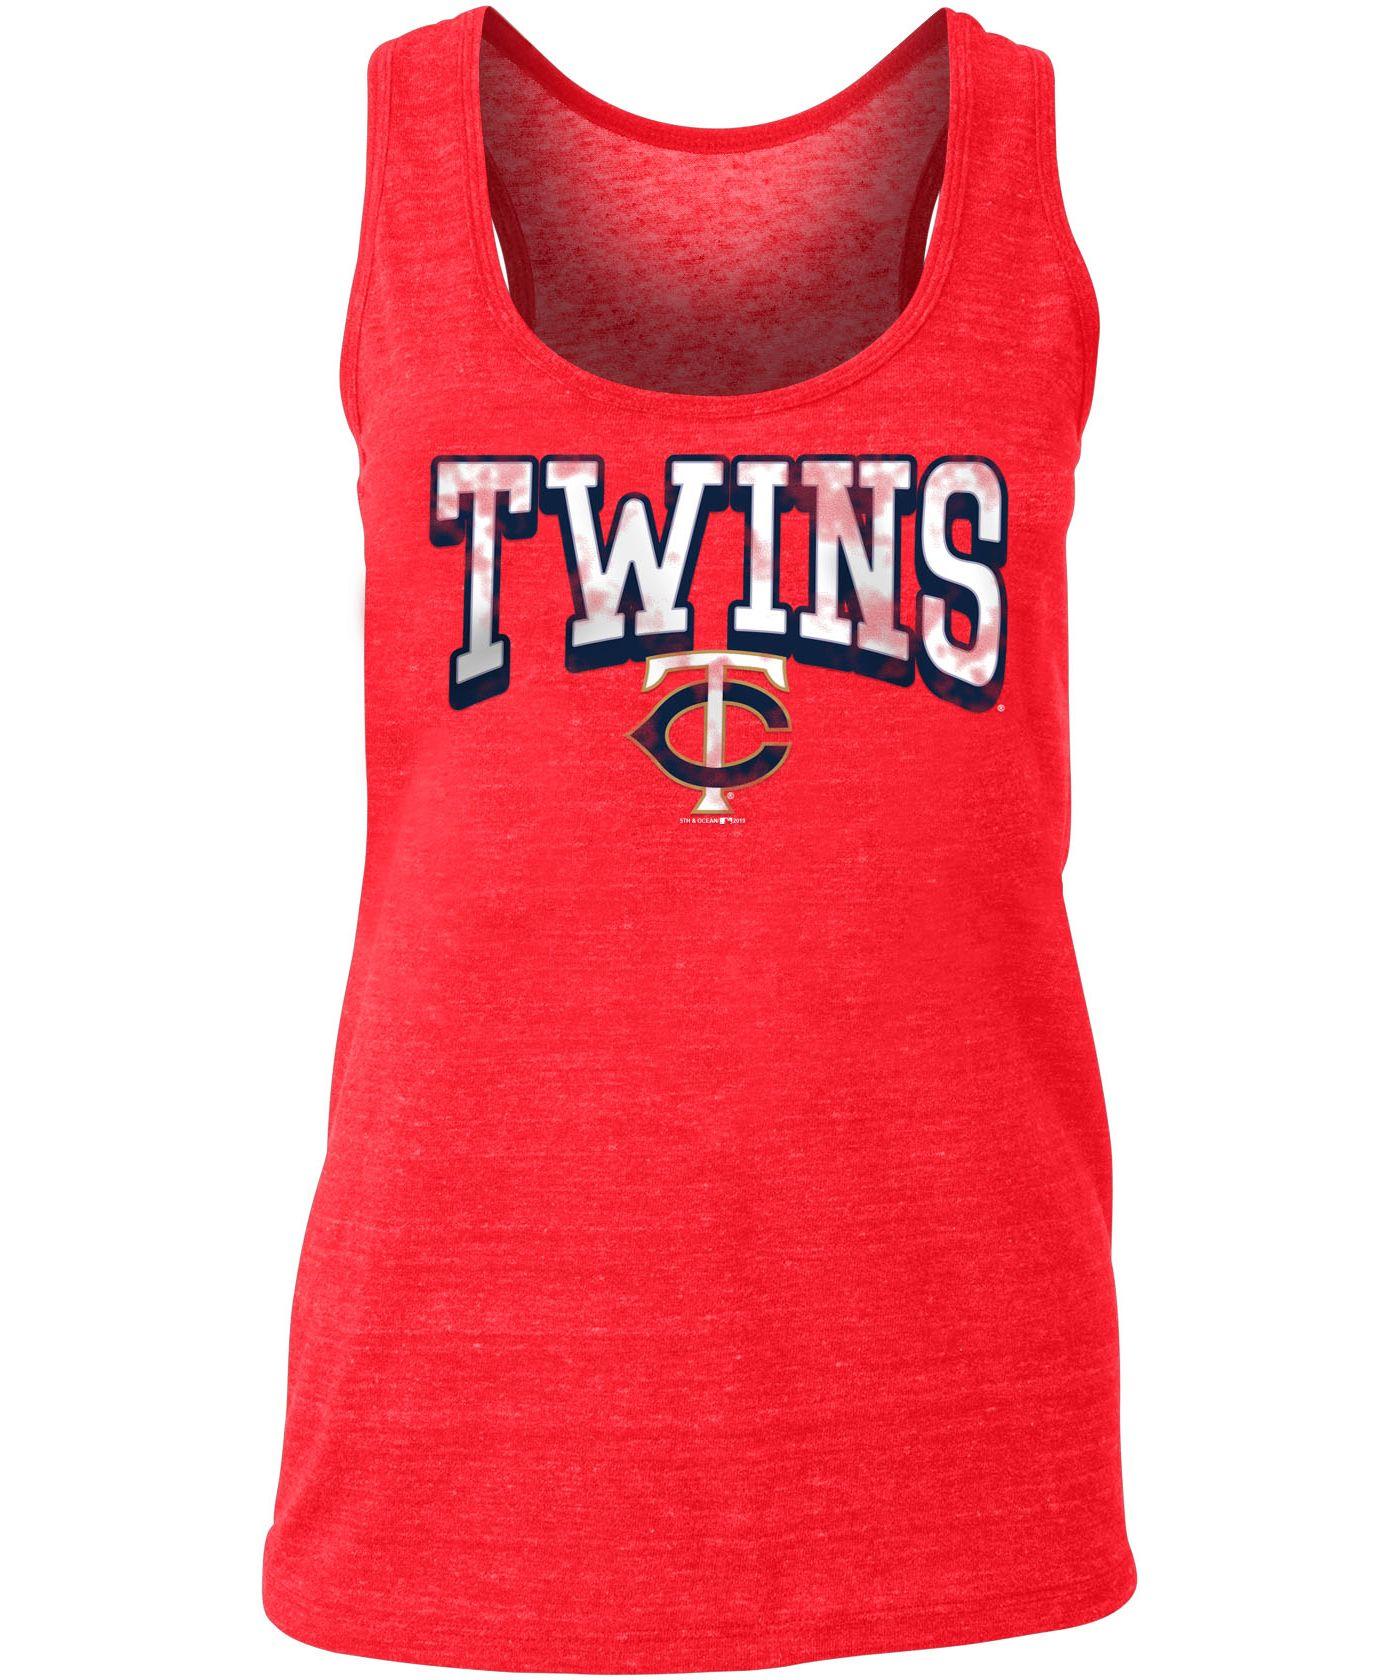 New Era Women's Minnesota Twins Tri-Blend Tank Top